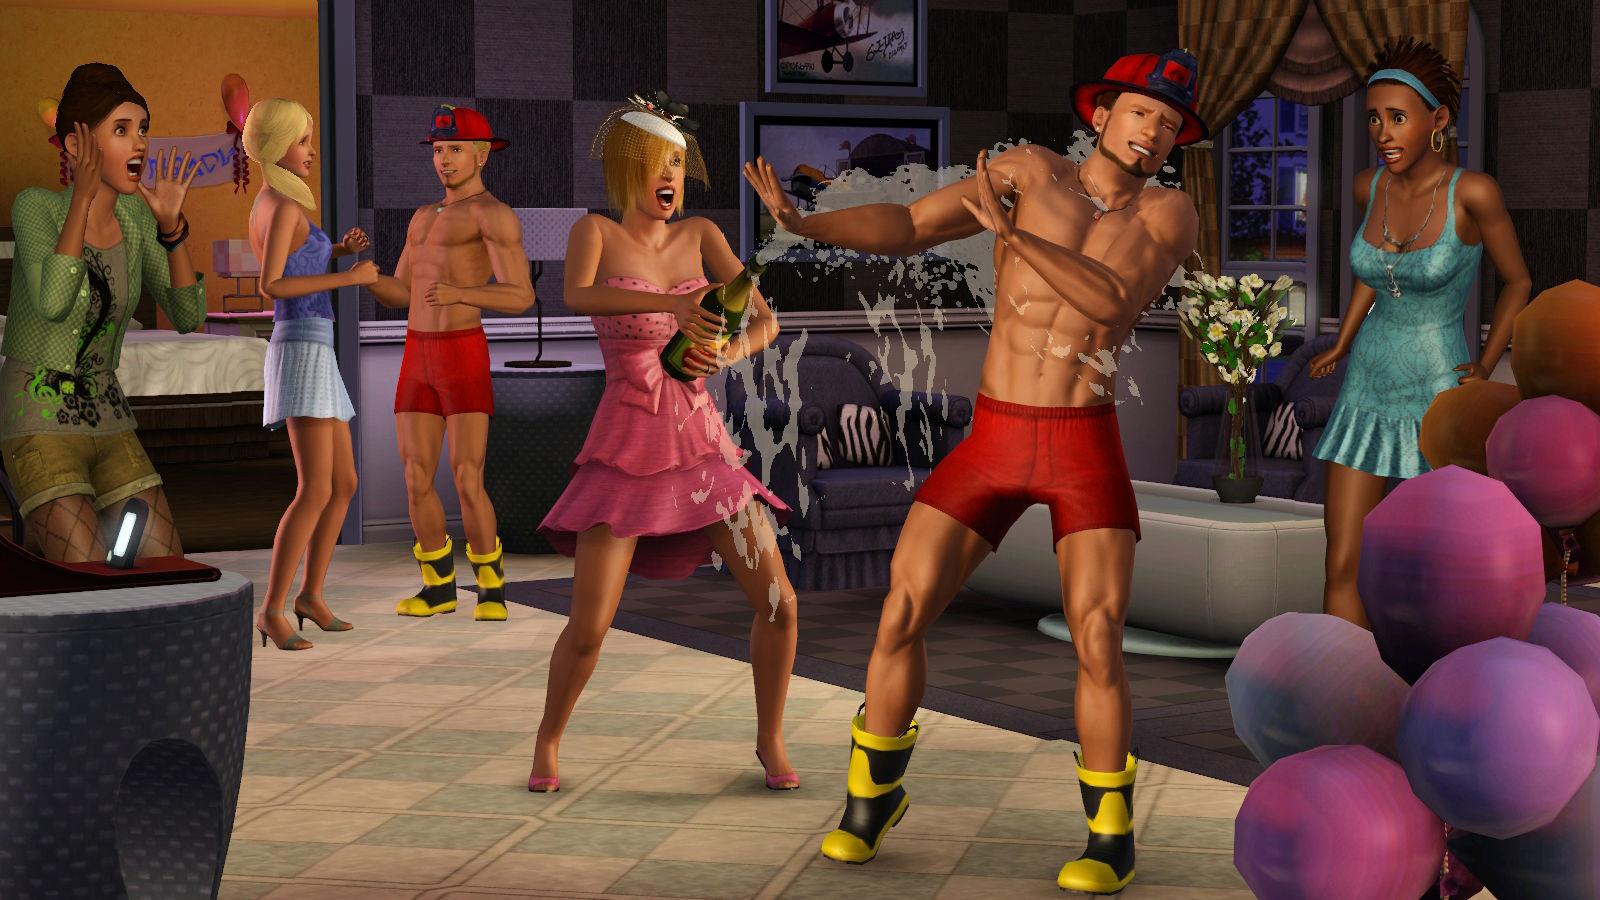 Симс 3 как сделать отличная вечеринка